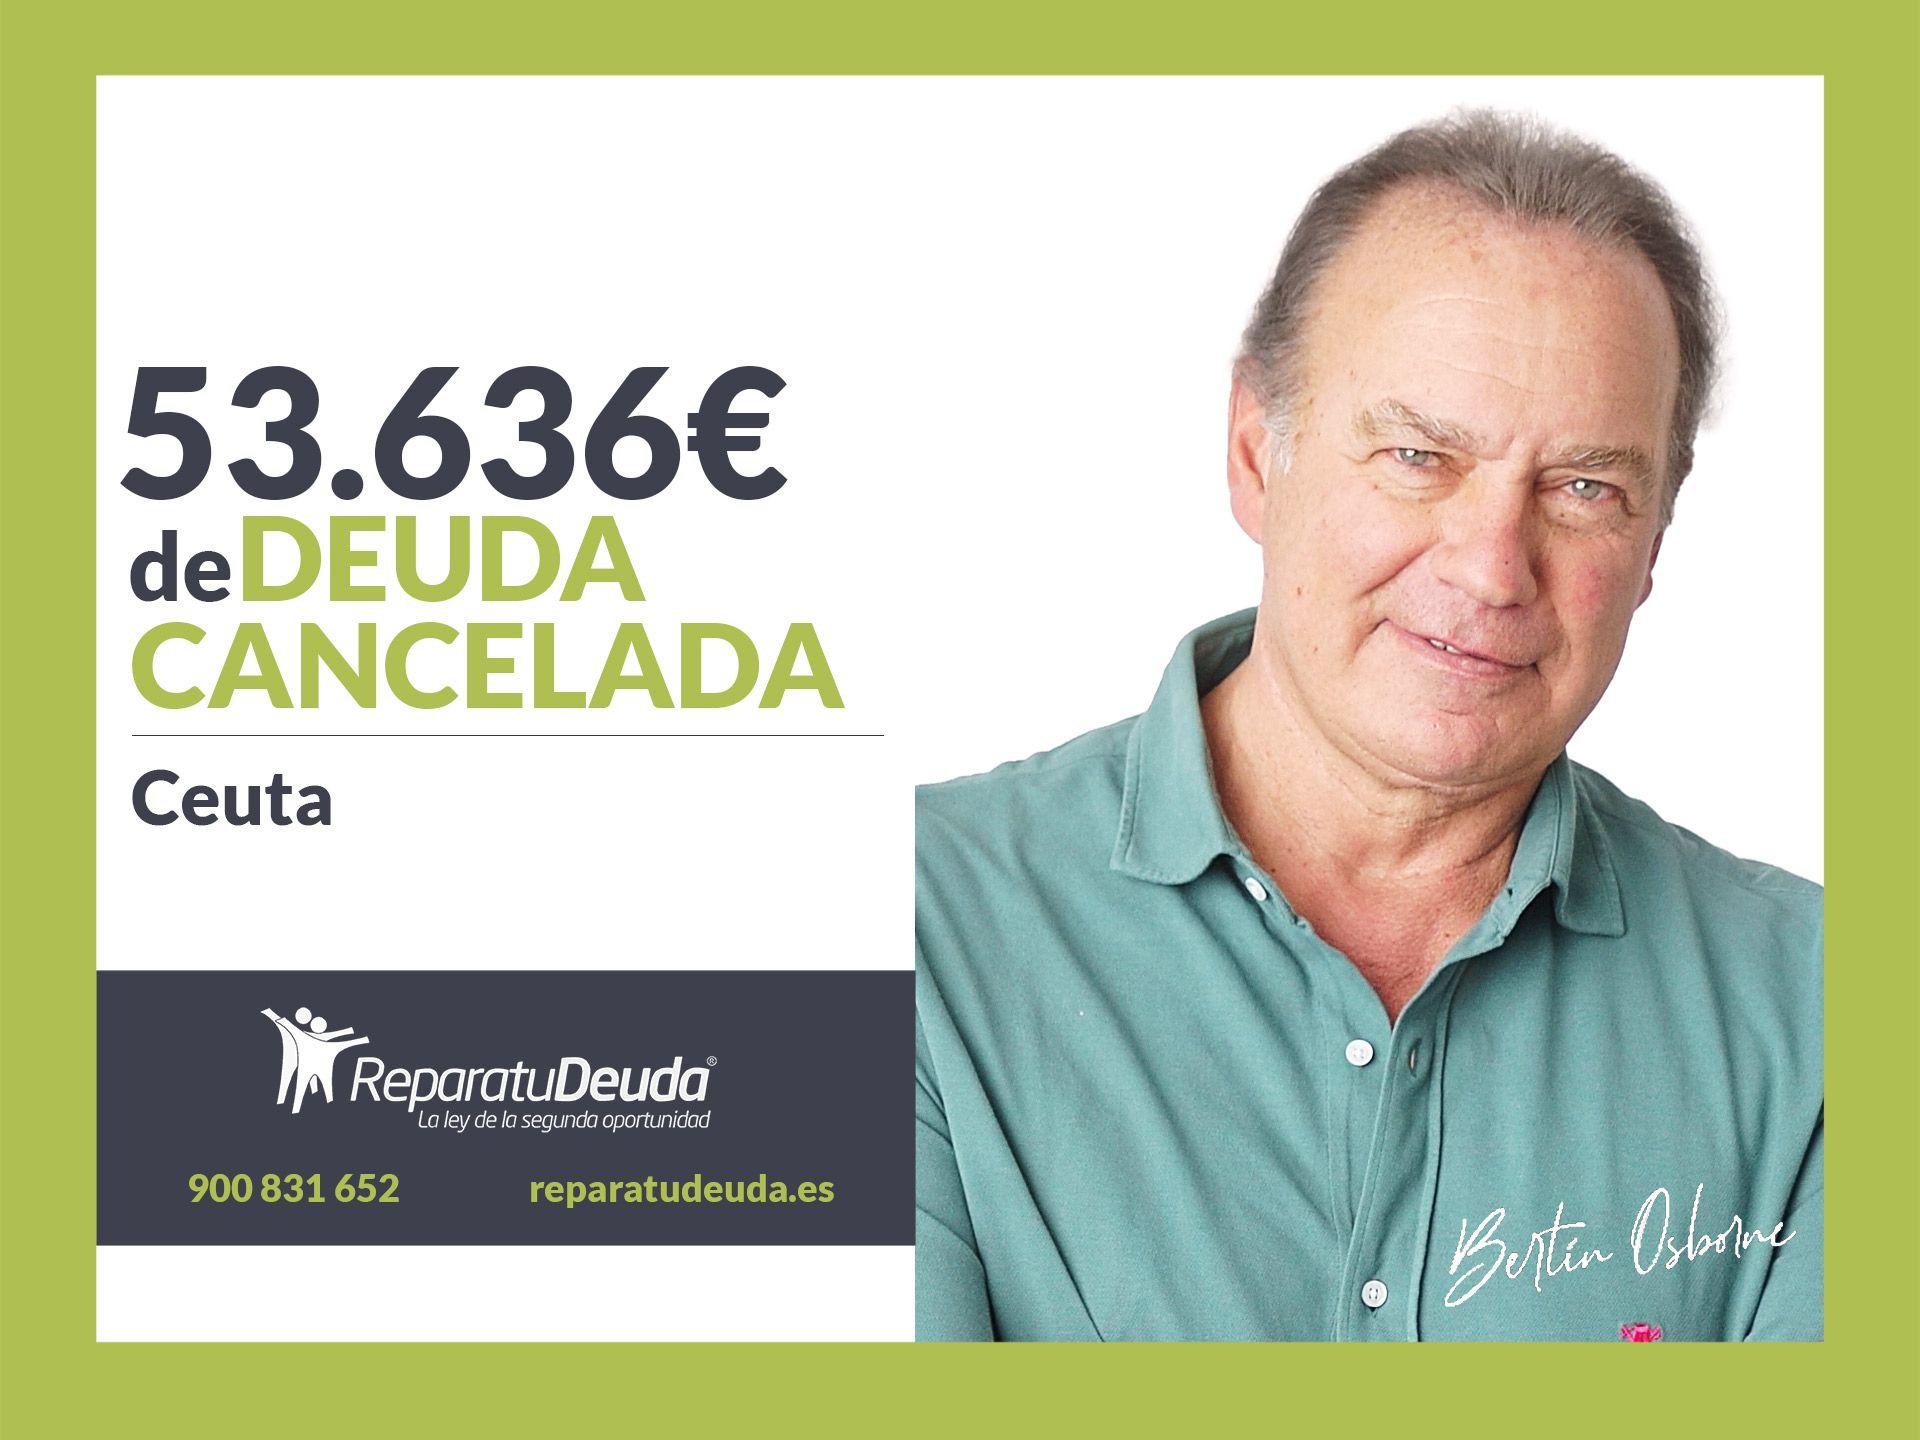 Repara tu Deuda Abogados cancela 53.636? en Ceuta con la Ley de Segunda Oportunidad